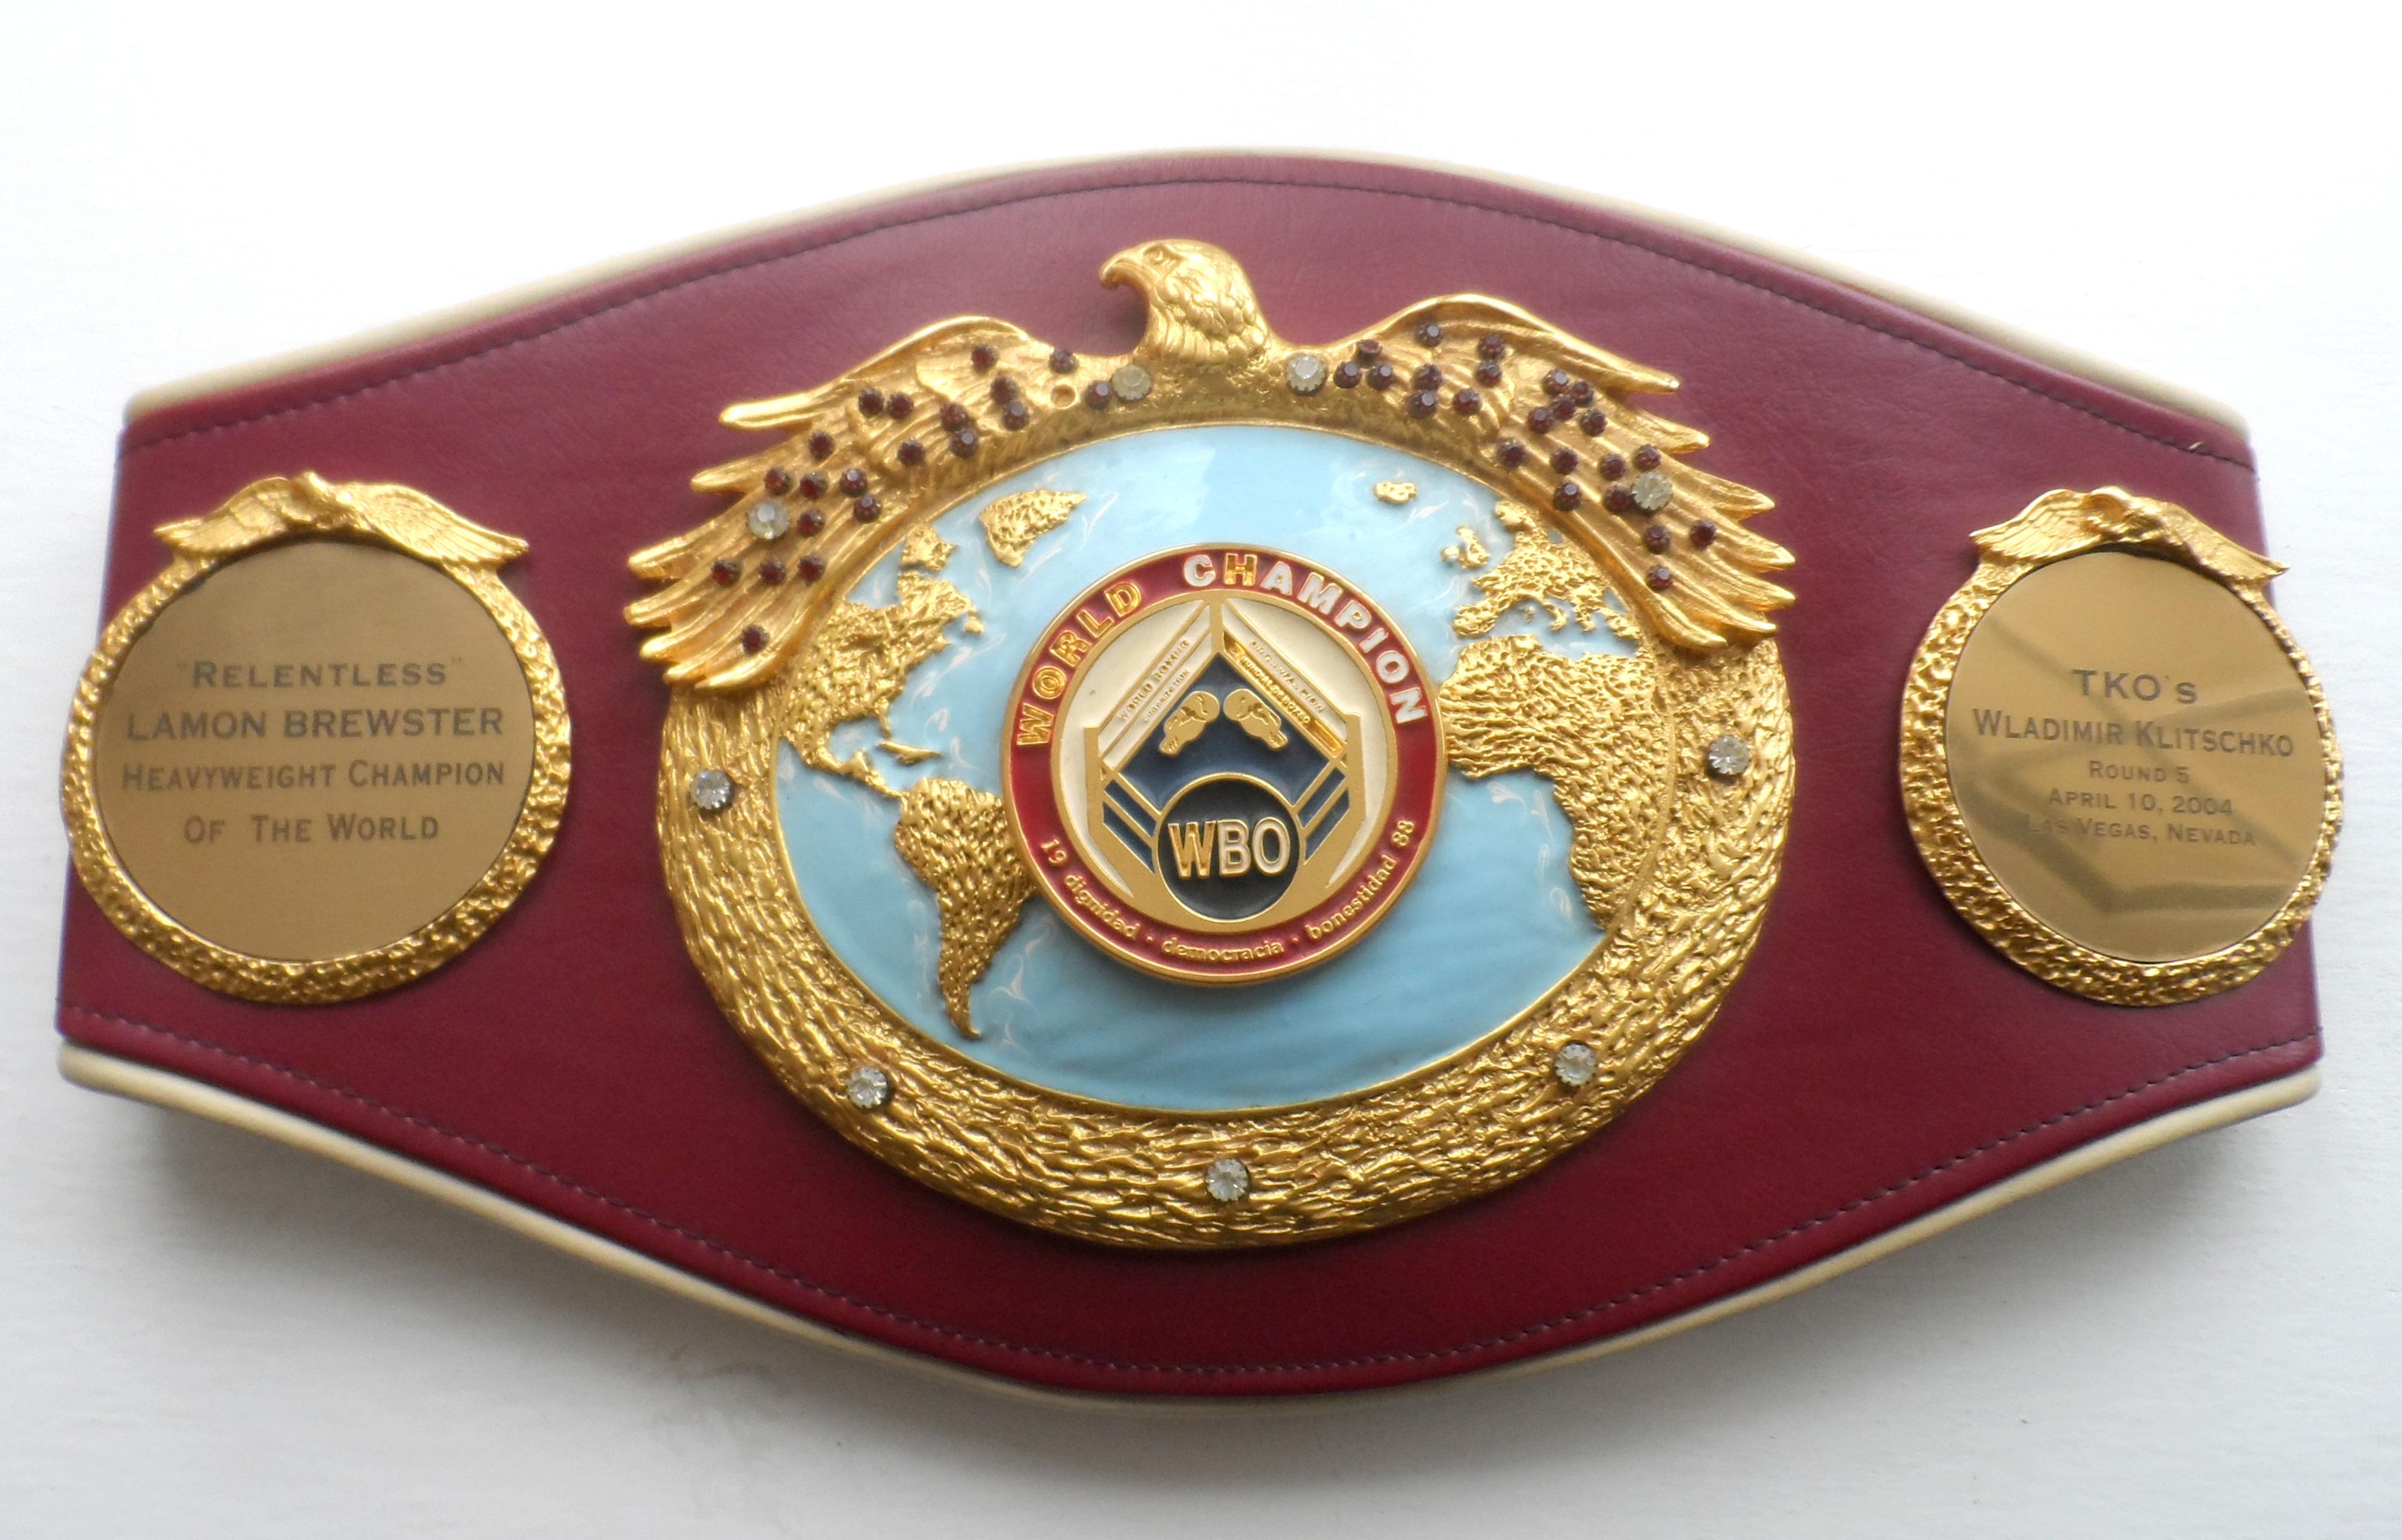 WBOスーパーフライ級チャンピオンベルト